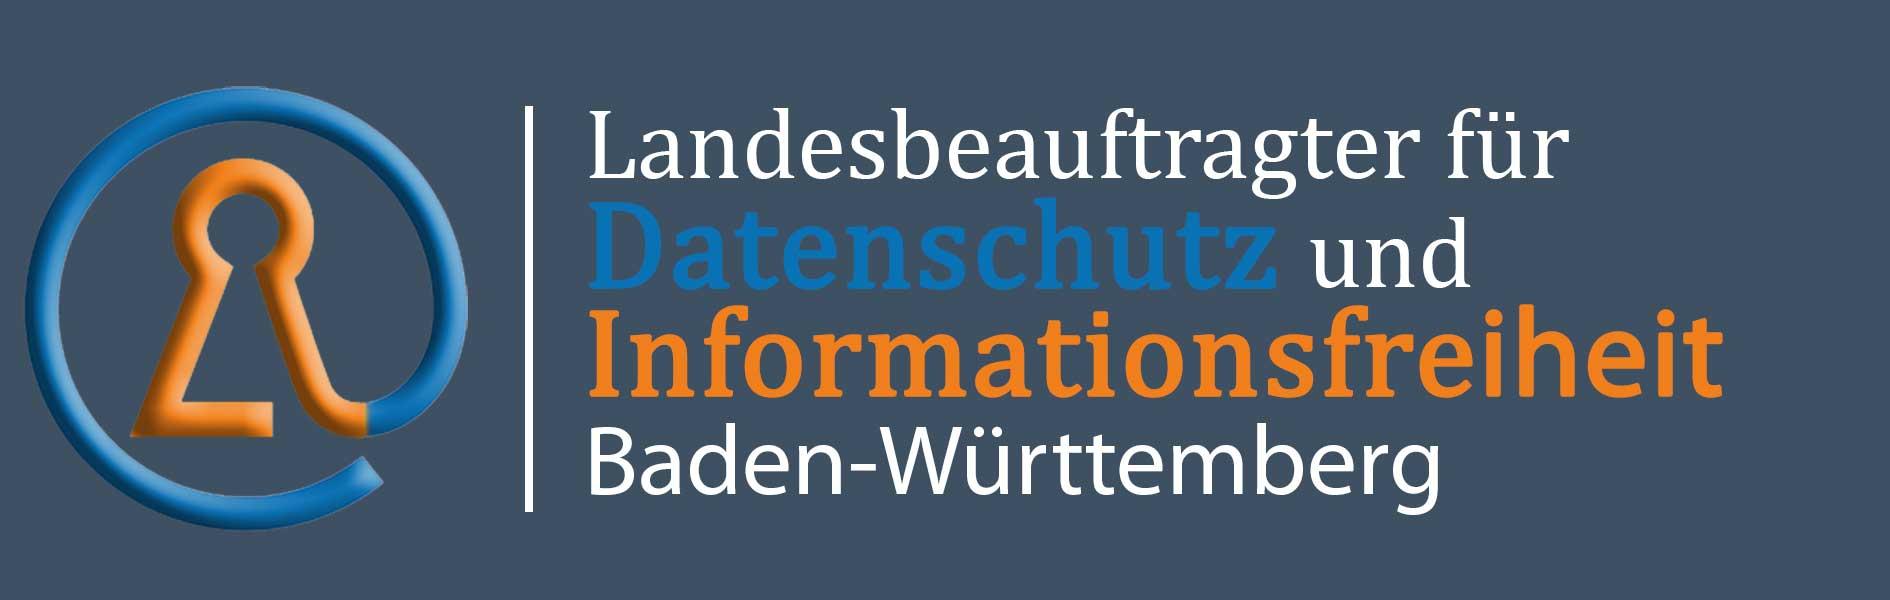 Der Landesbeauftragte für den Datenschutz und die Informationsfreiheit Baden-Württemberg